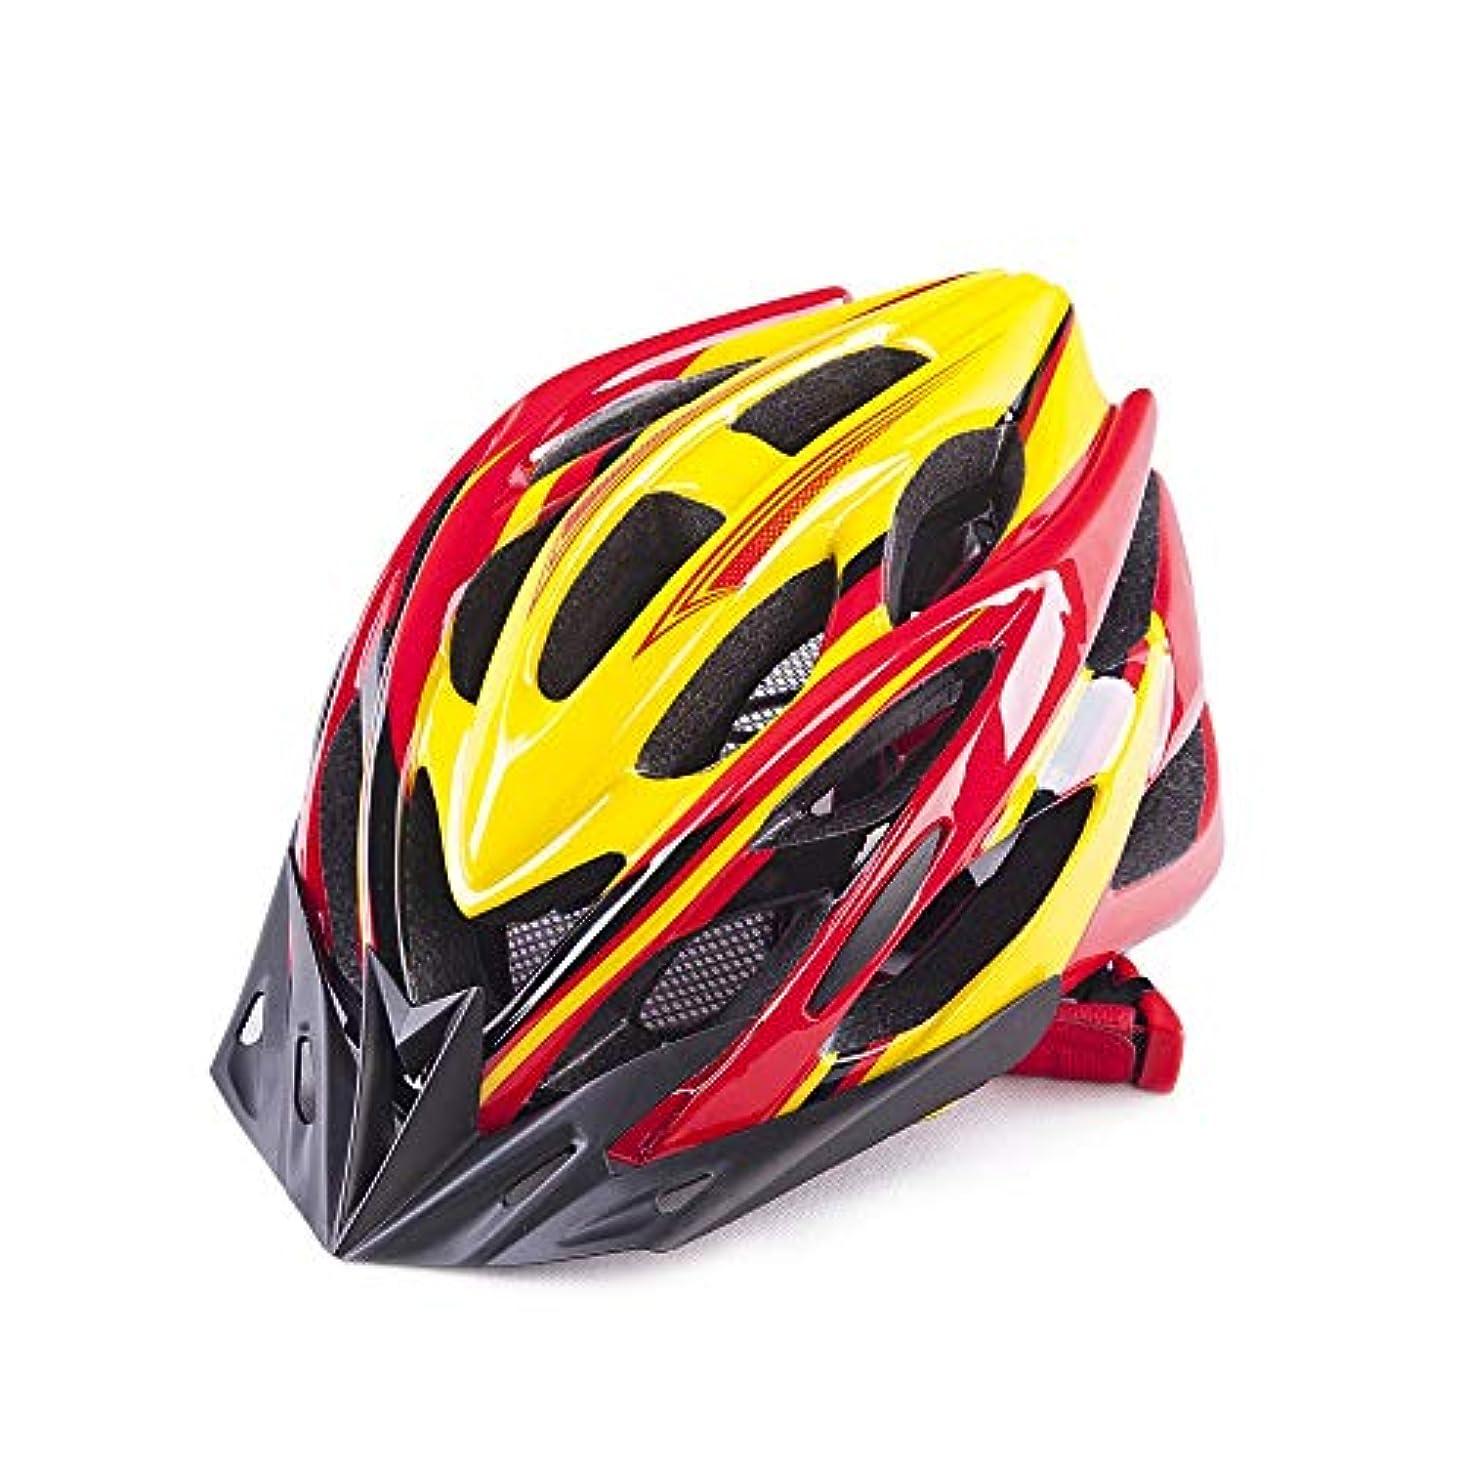 調和のとれた影響力のある技術者自転車用ヘルメット超軽量 大人の男性と女性のマウンテンバイク自転車ヘルメットマウント自転車のための超軽量調整自転車ヘルメット オフロード自転車用保護帽